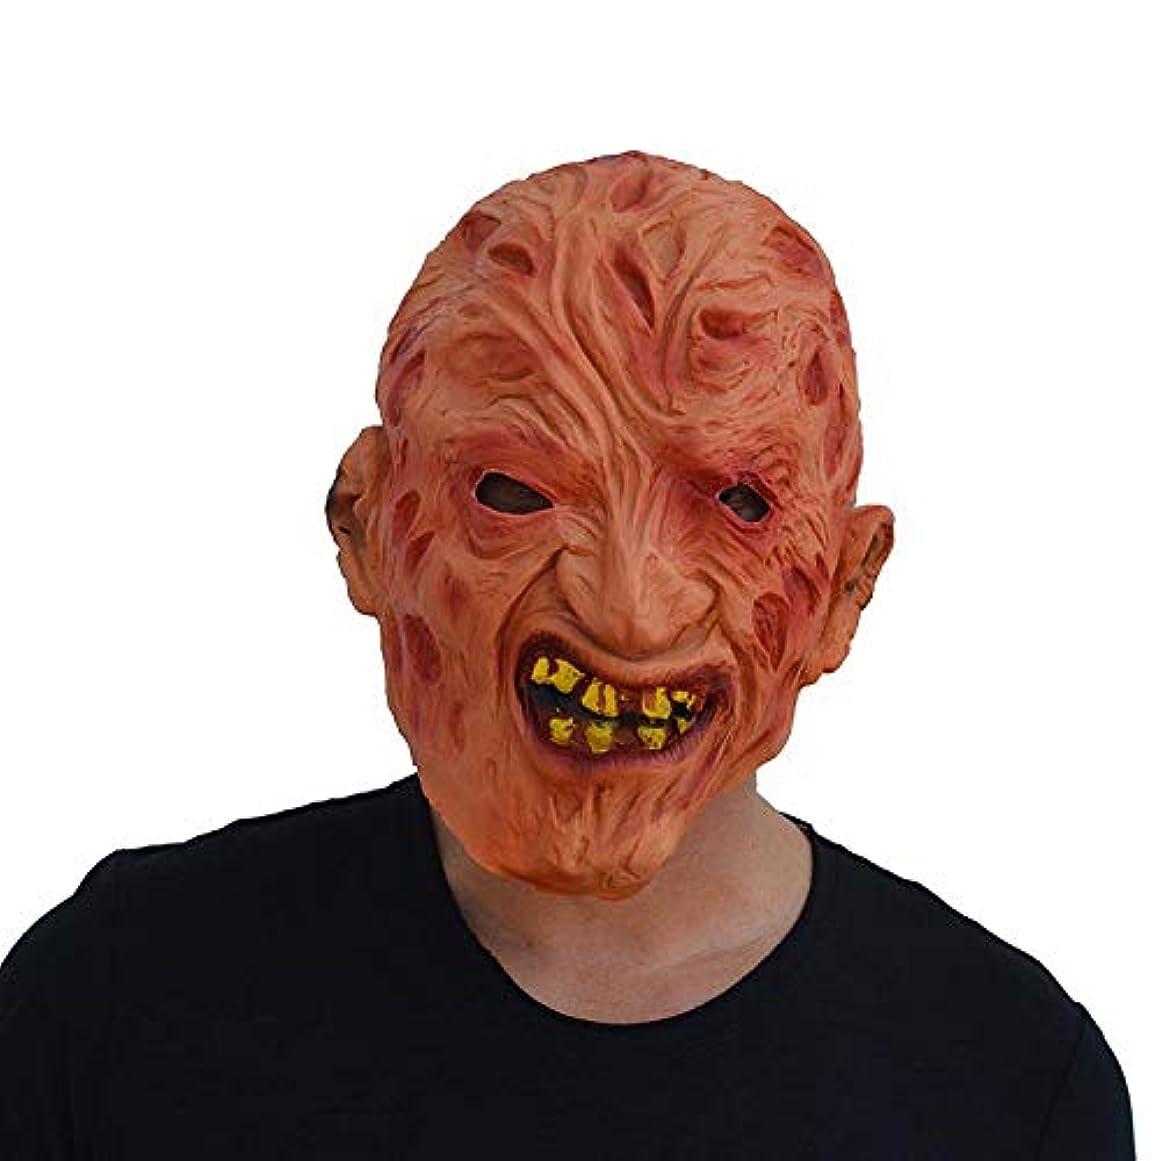 ミュージカル平和的シールハロウィンホラー腐った顔ゾンビマスクゴーストフェスティバルナイトクラブレイブパーティーマスク